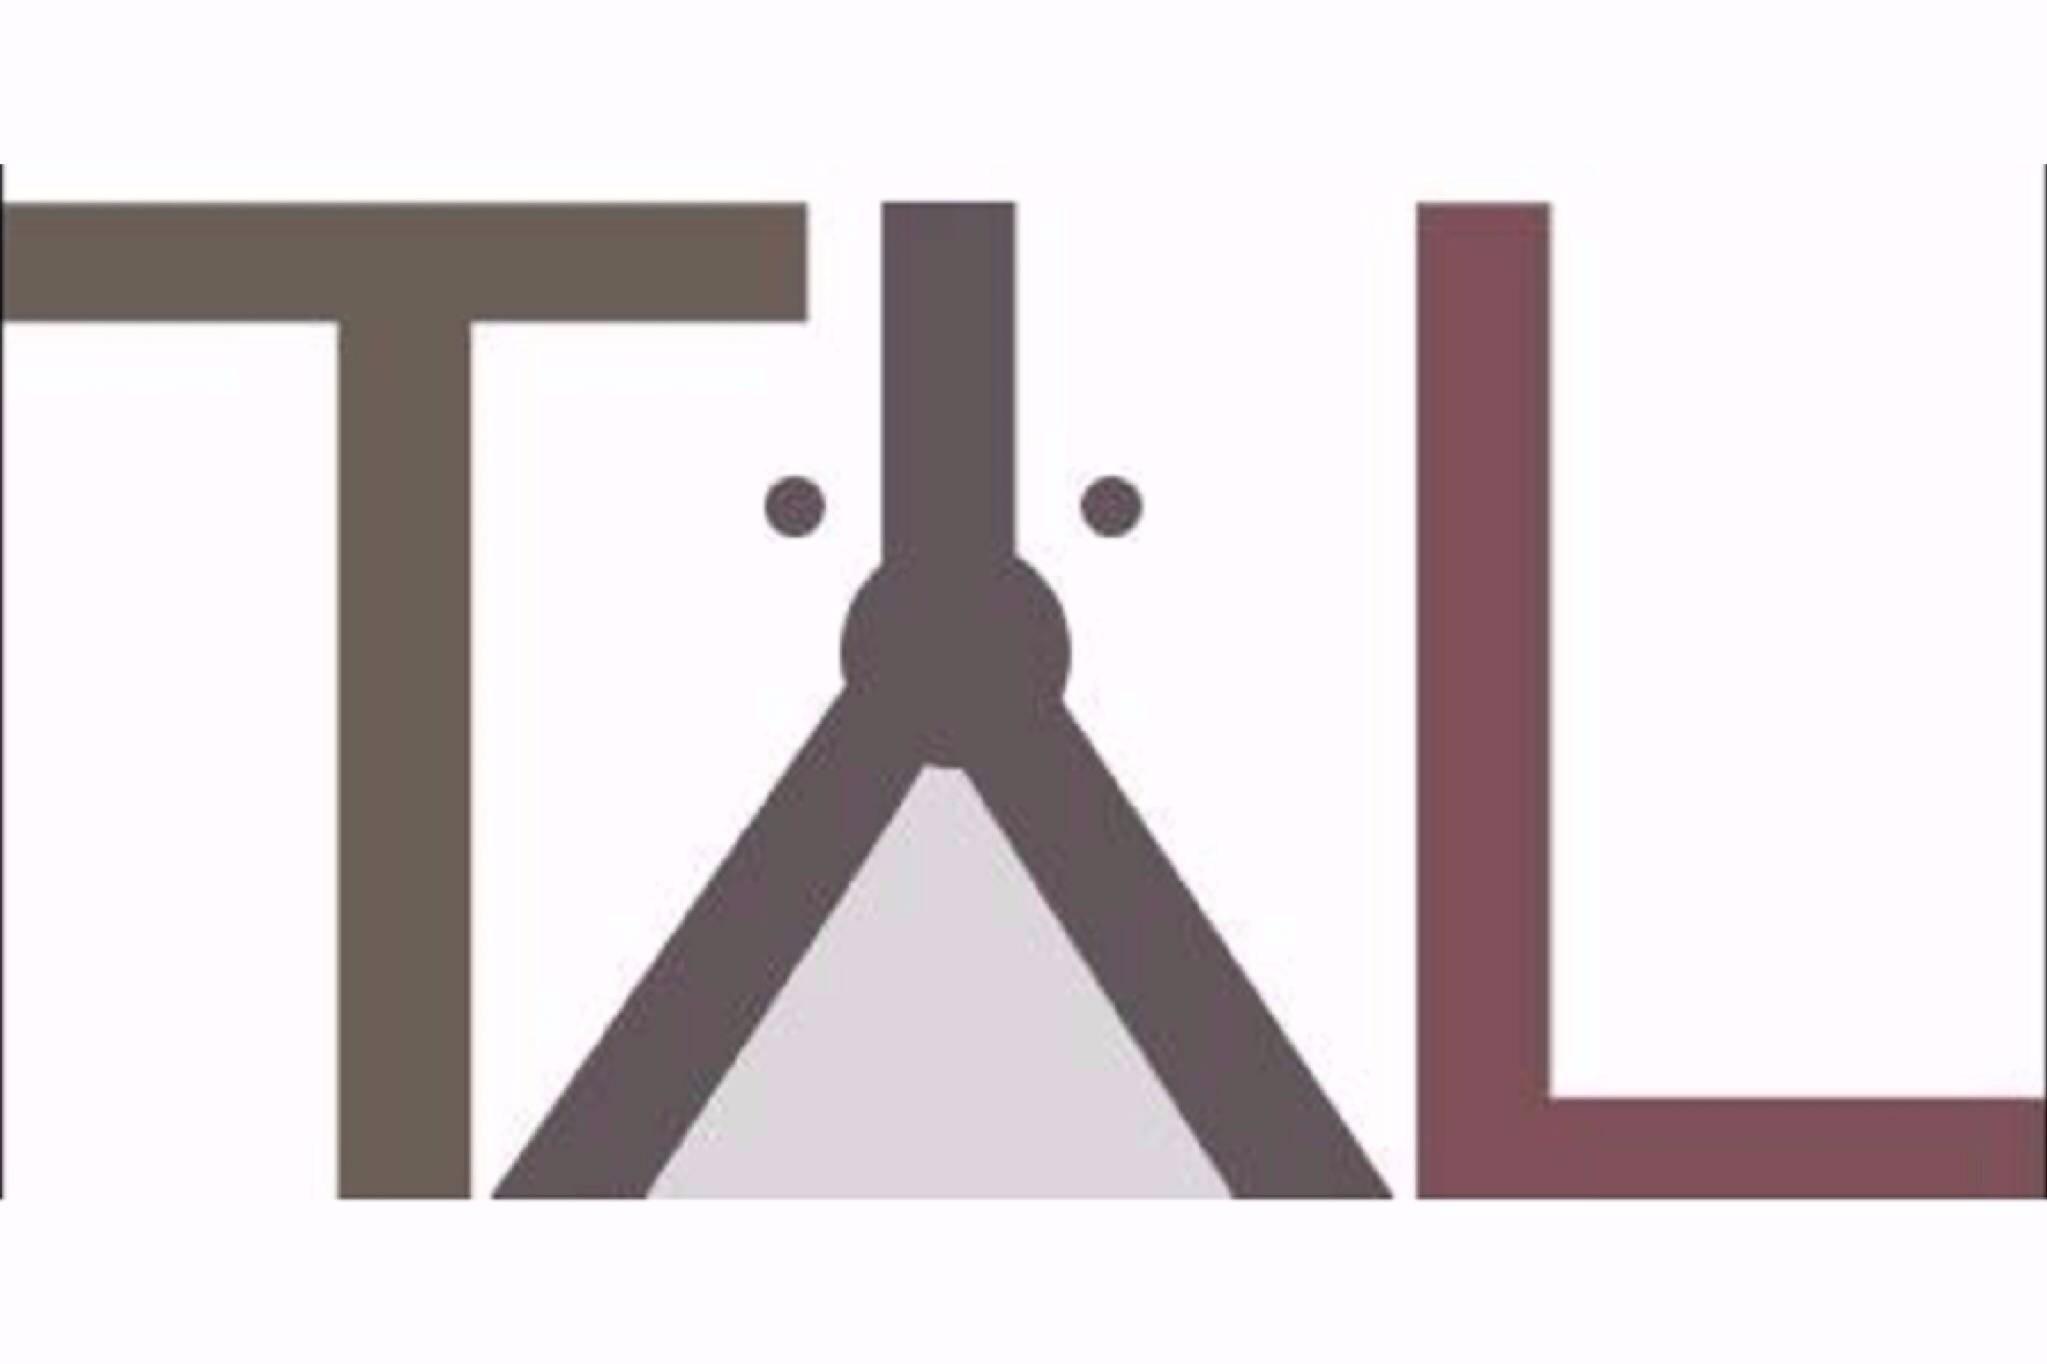 株式会社TYLのペット×ITのスタートアップ企業でマーケティングスキルを身につけたいインターン生募集!!のサムネイル画像